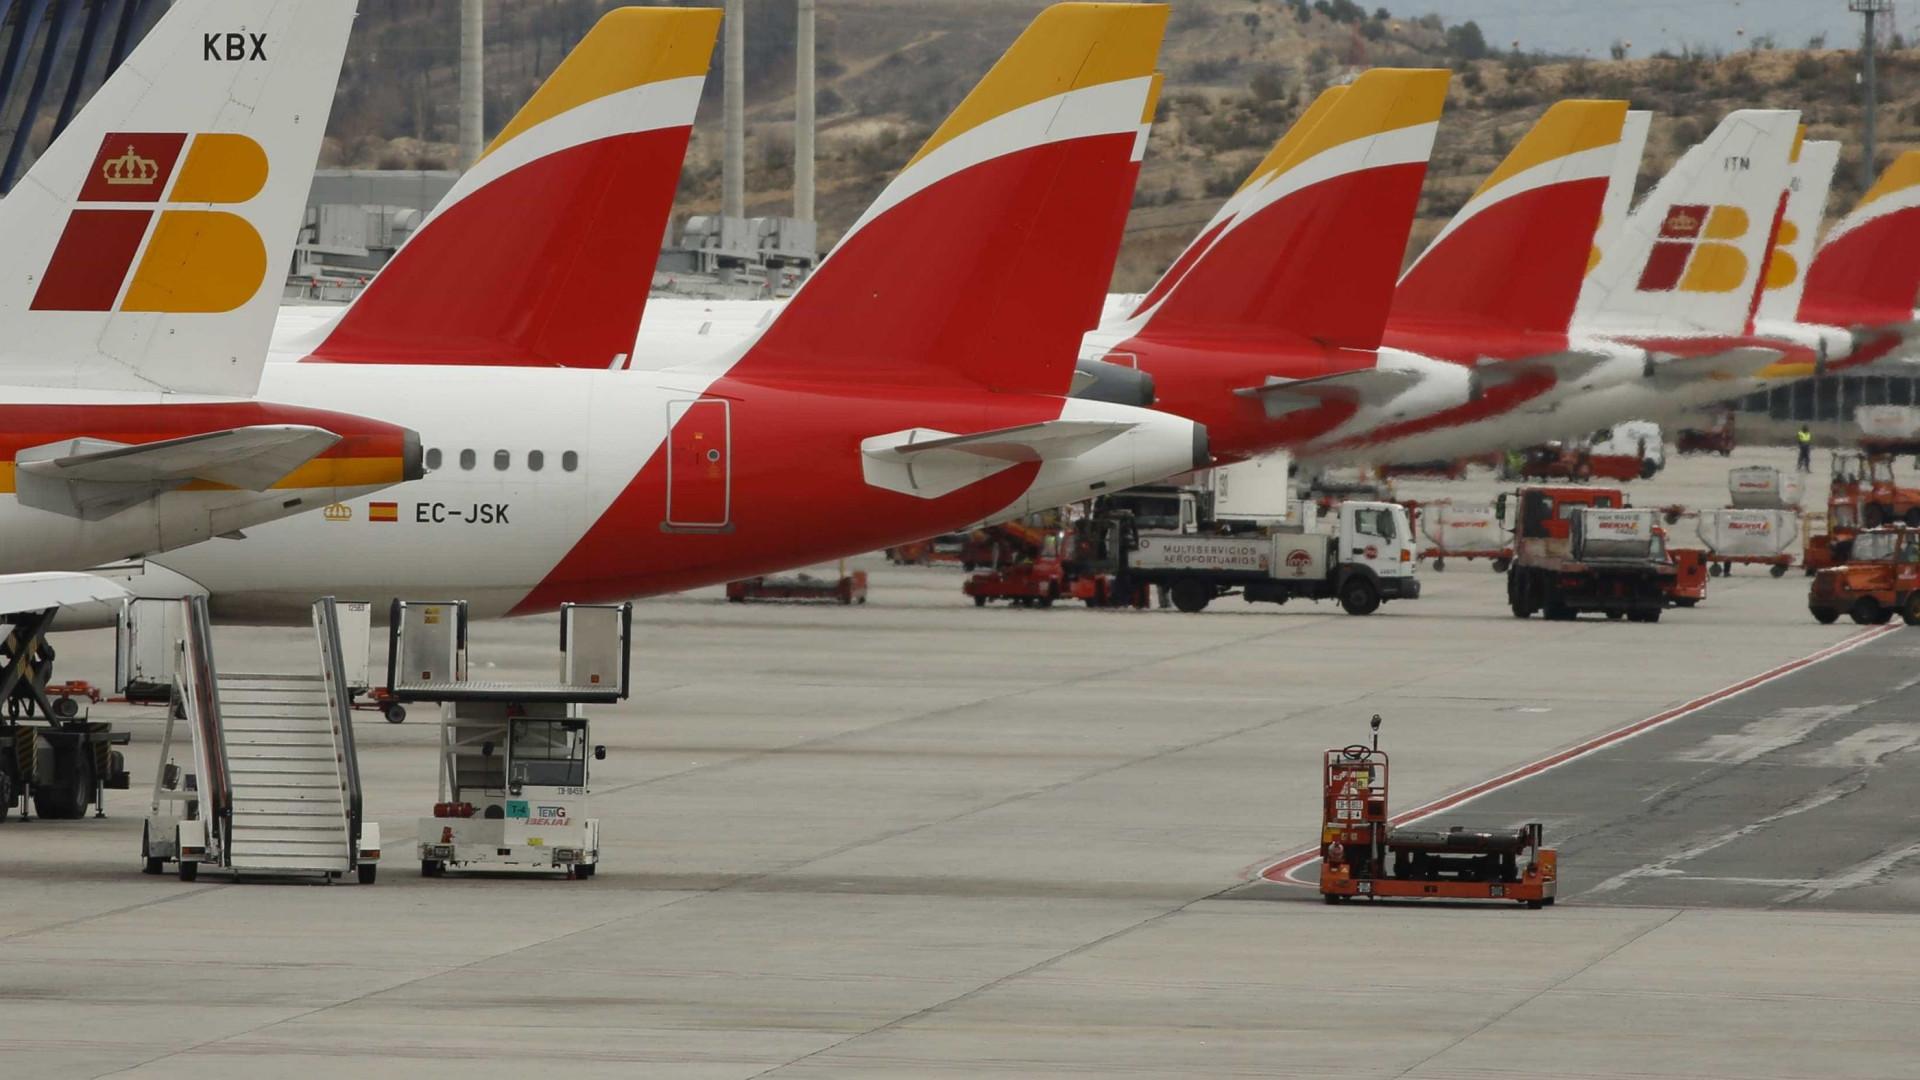 Avião da Iberia forçado a pouso de emergência após problema no motor